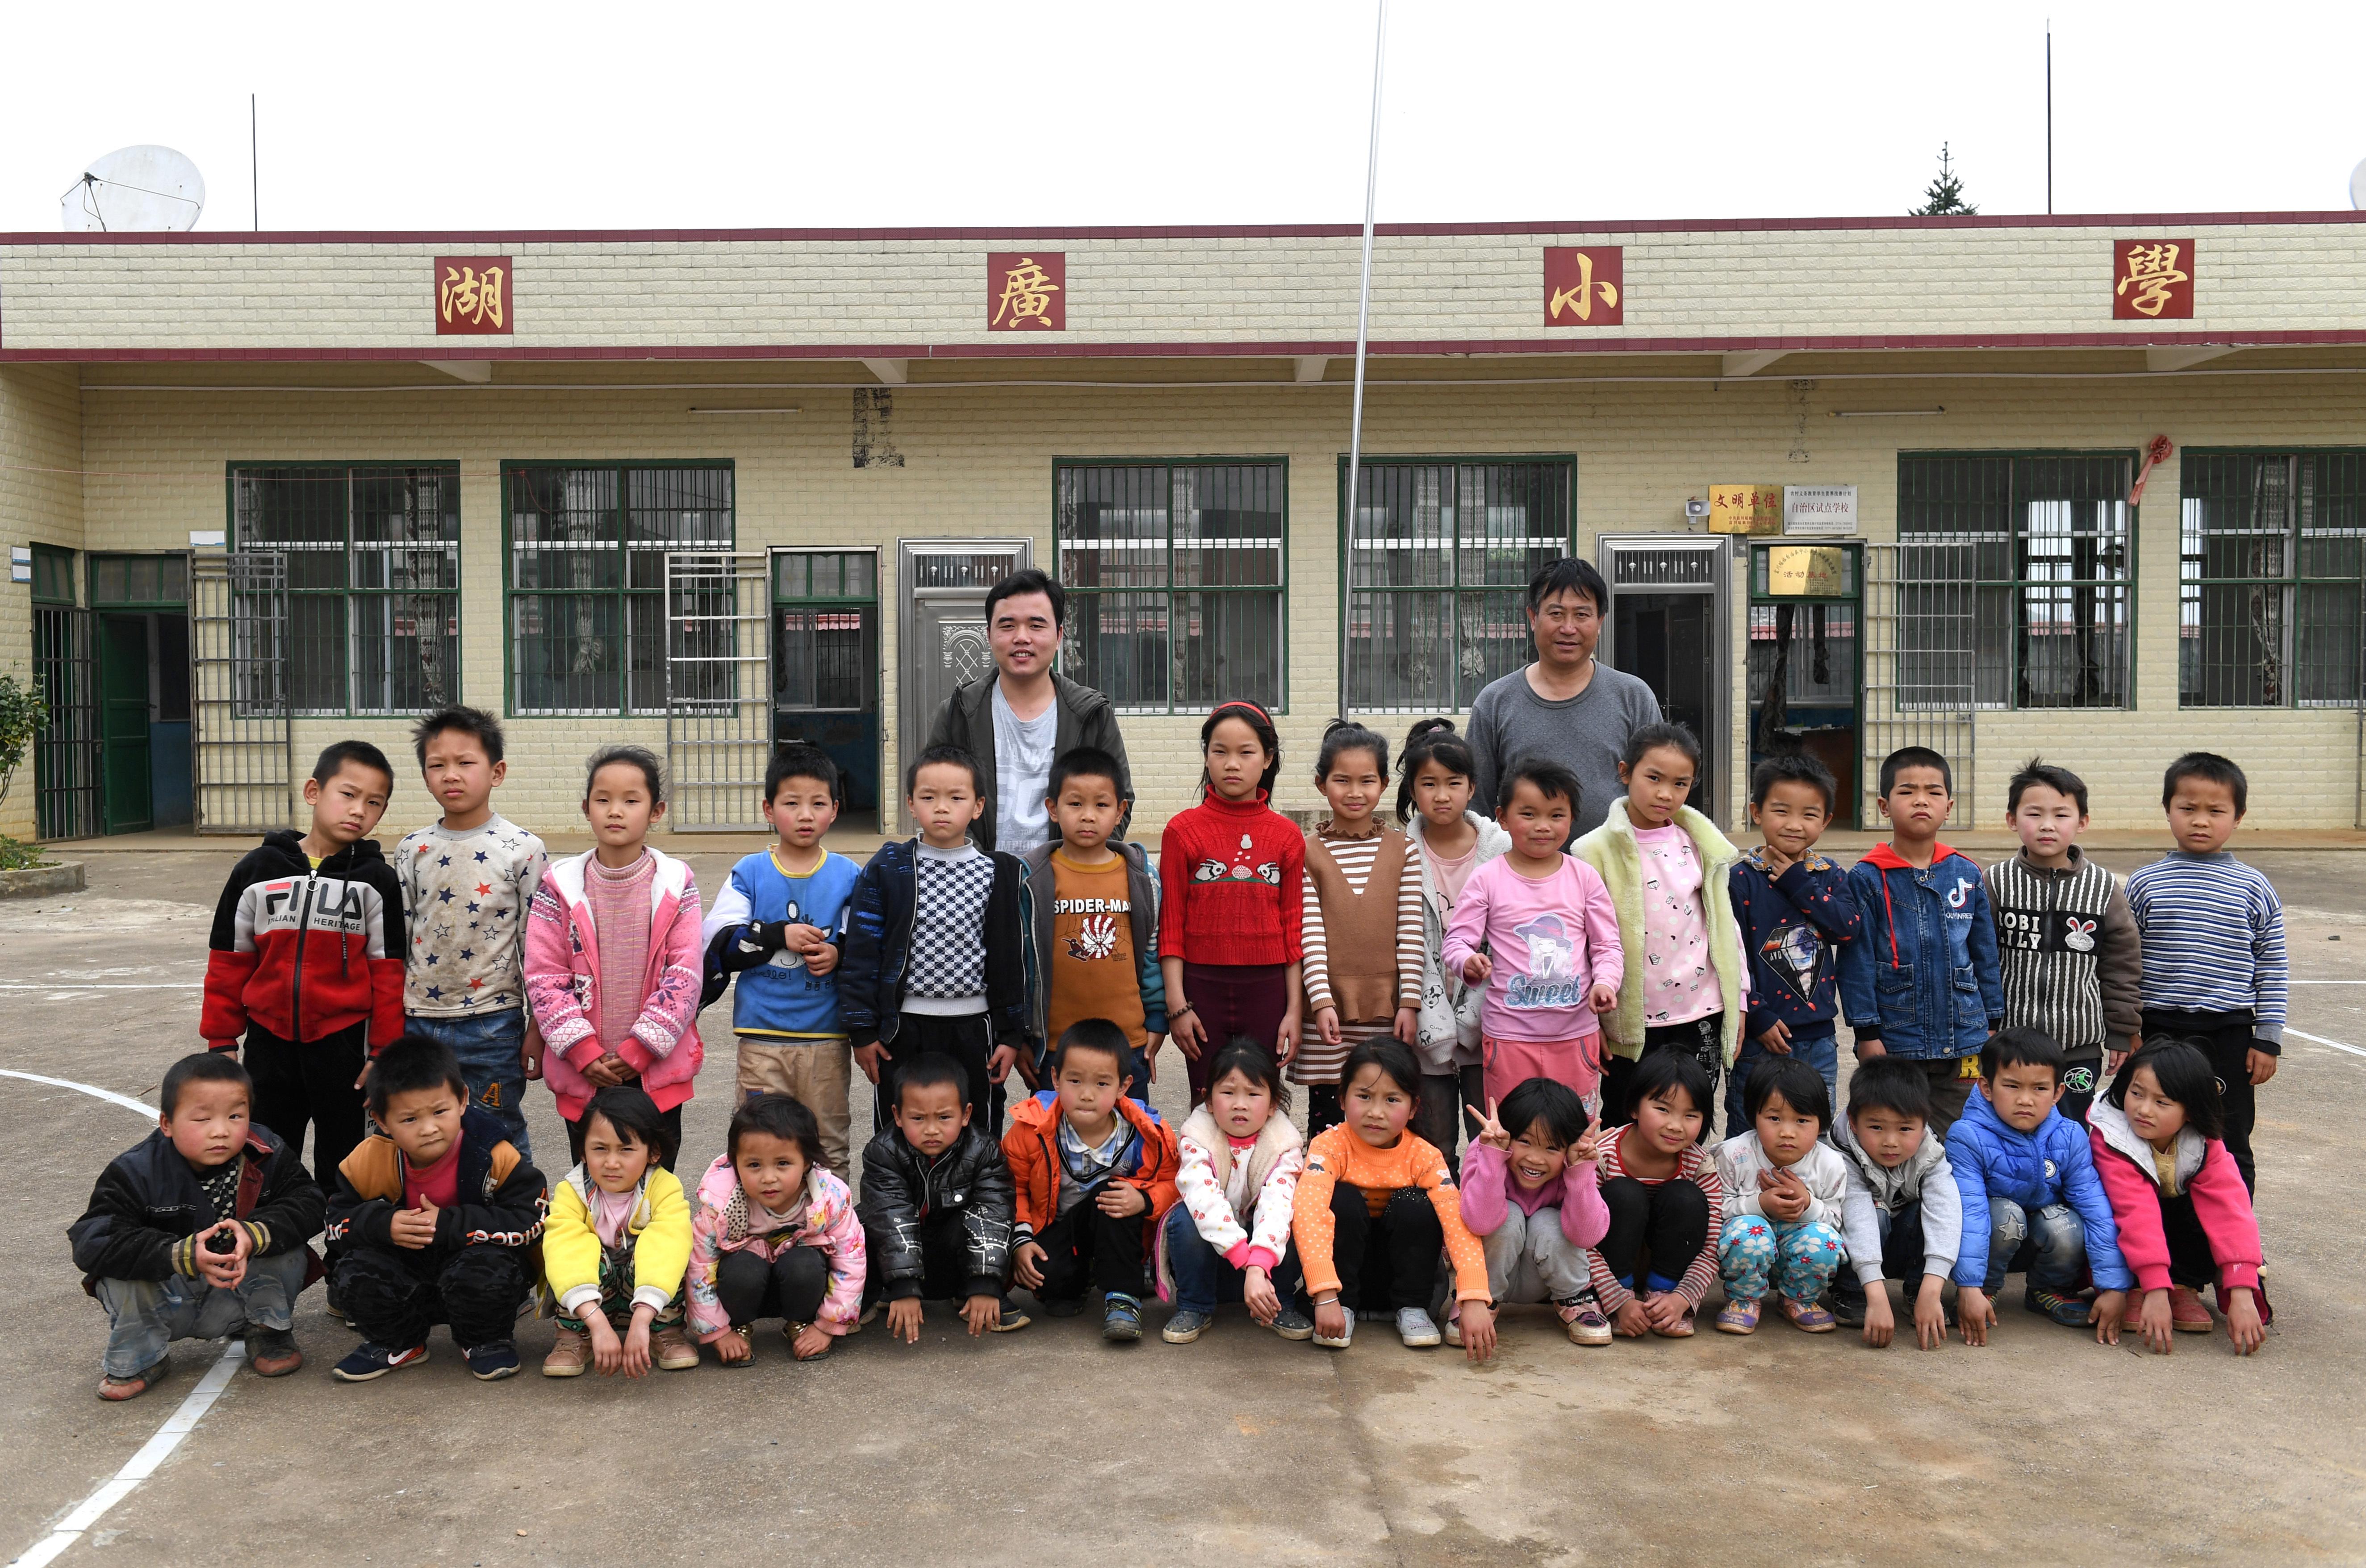 湖广小学:跨越两省区的乐享牛牛棋牌,开元棋牌游戏,棋牌现金手机版坚守与接力